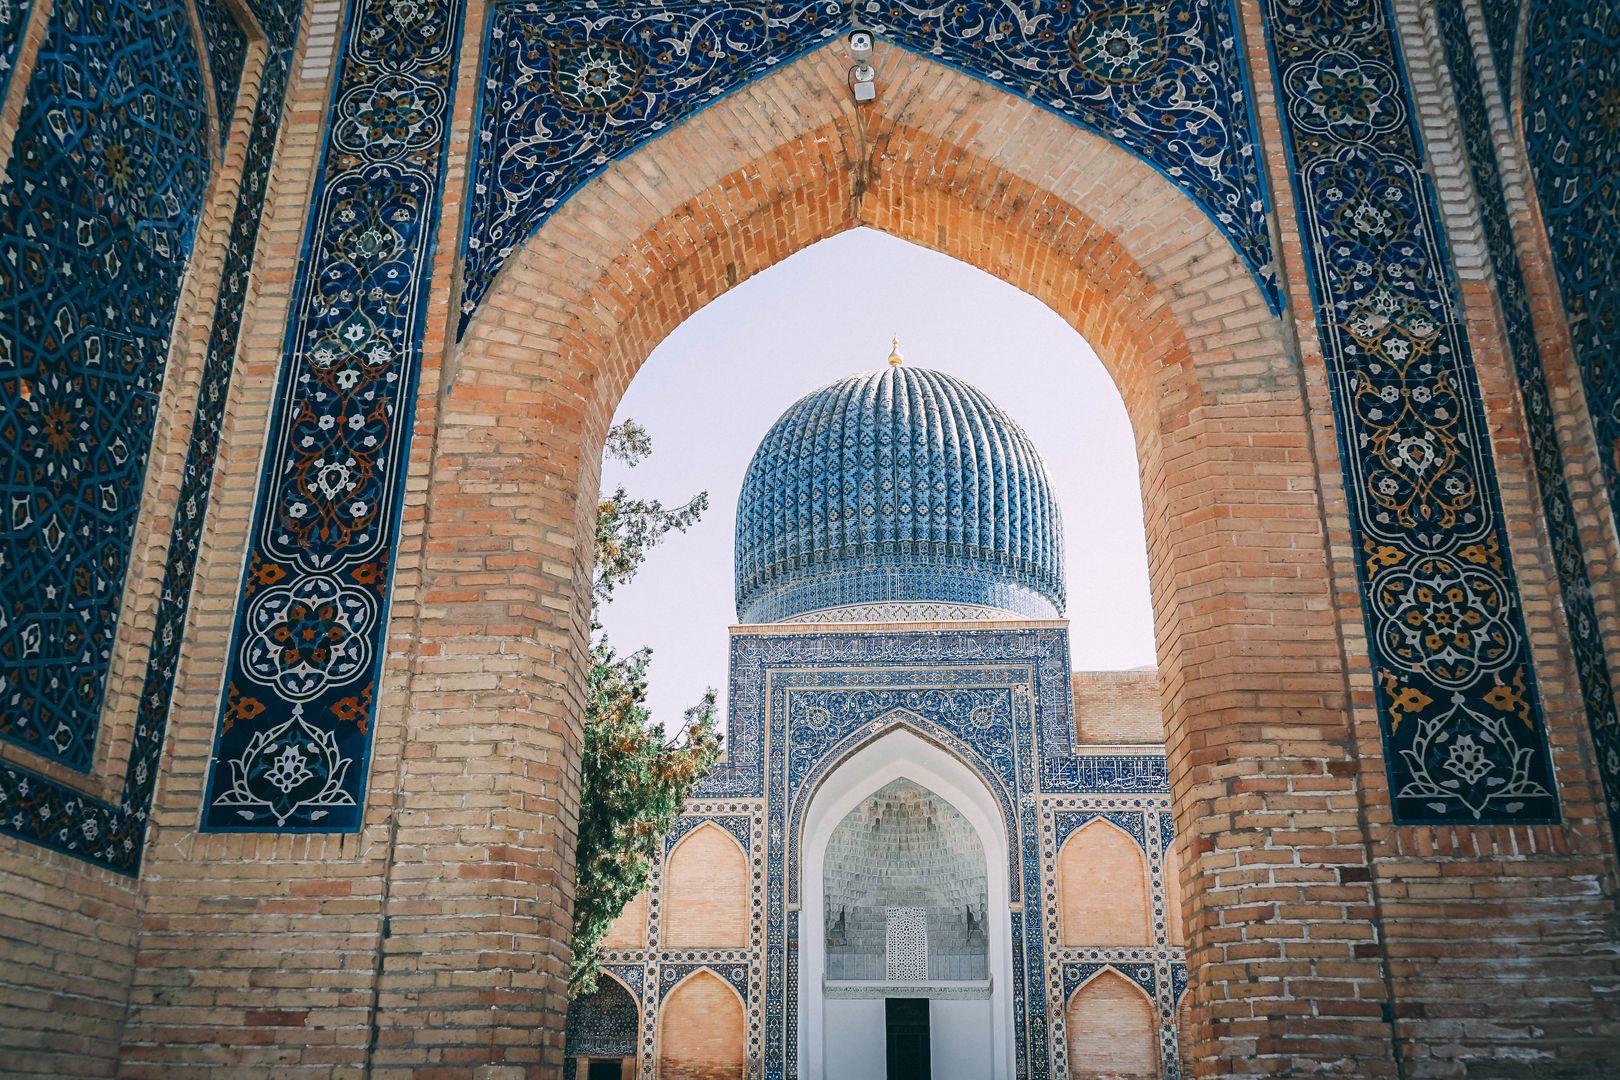 Central Asia, UNESCO